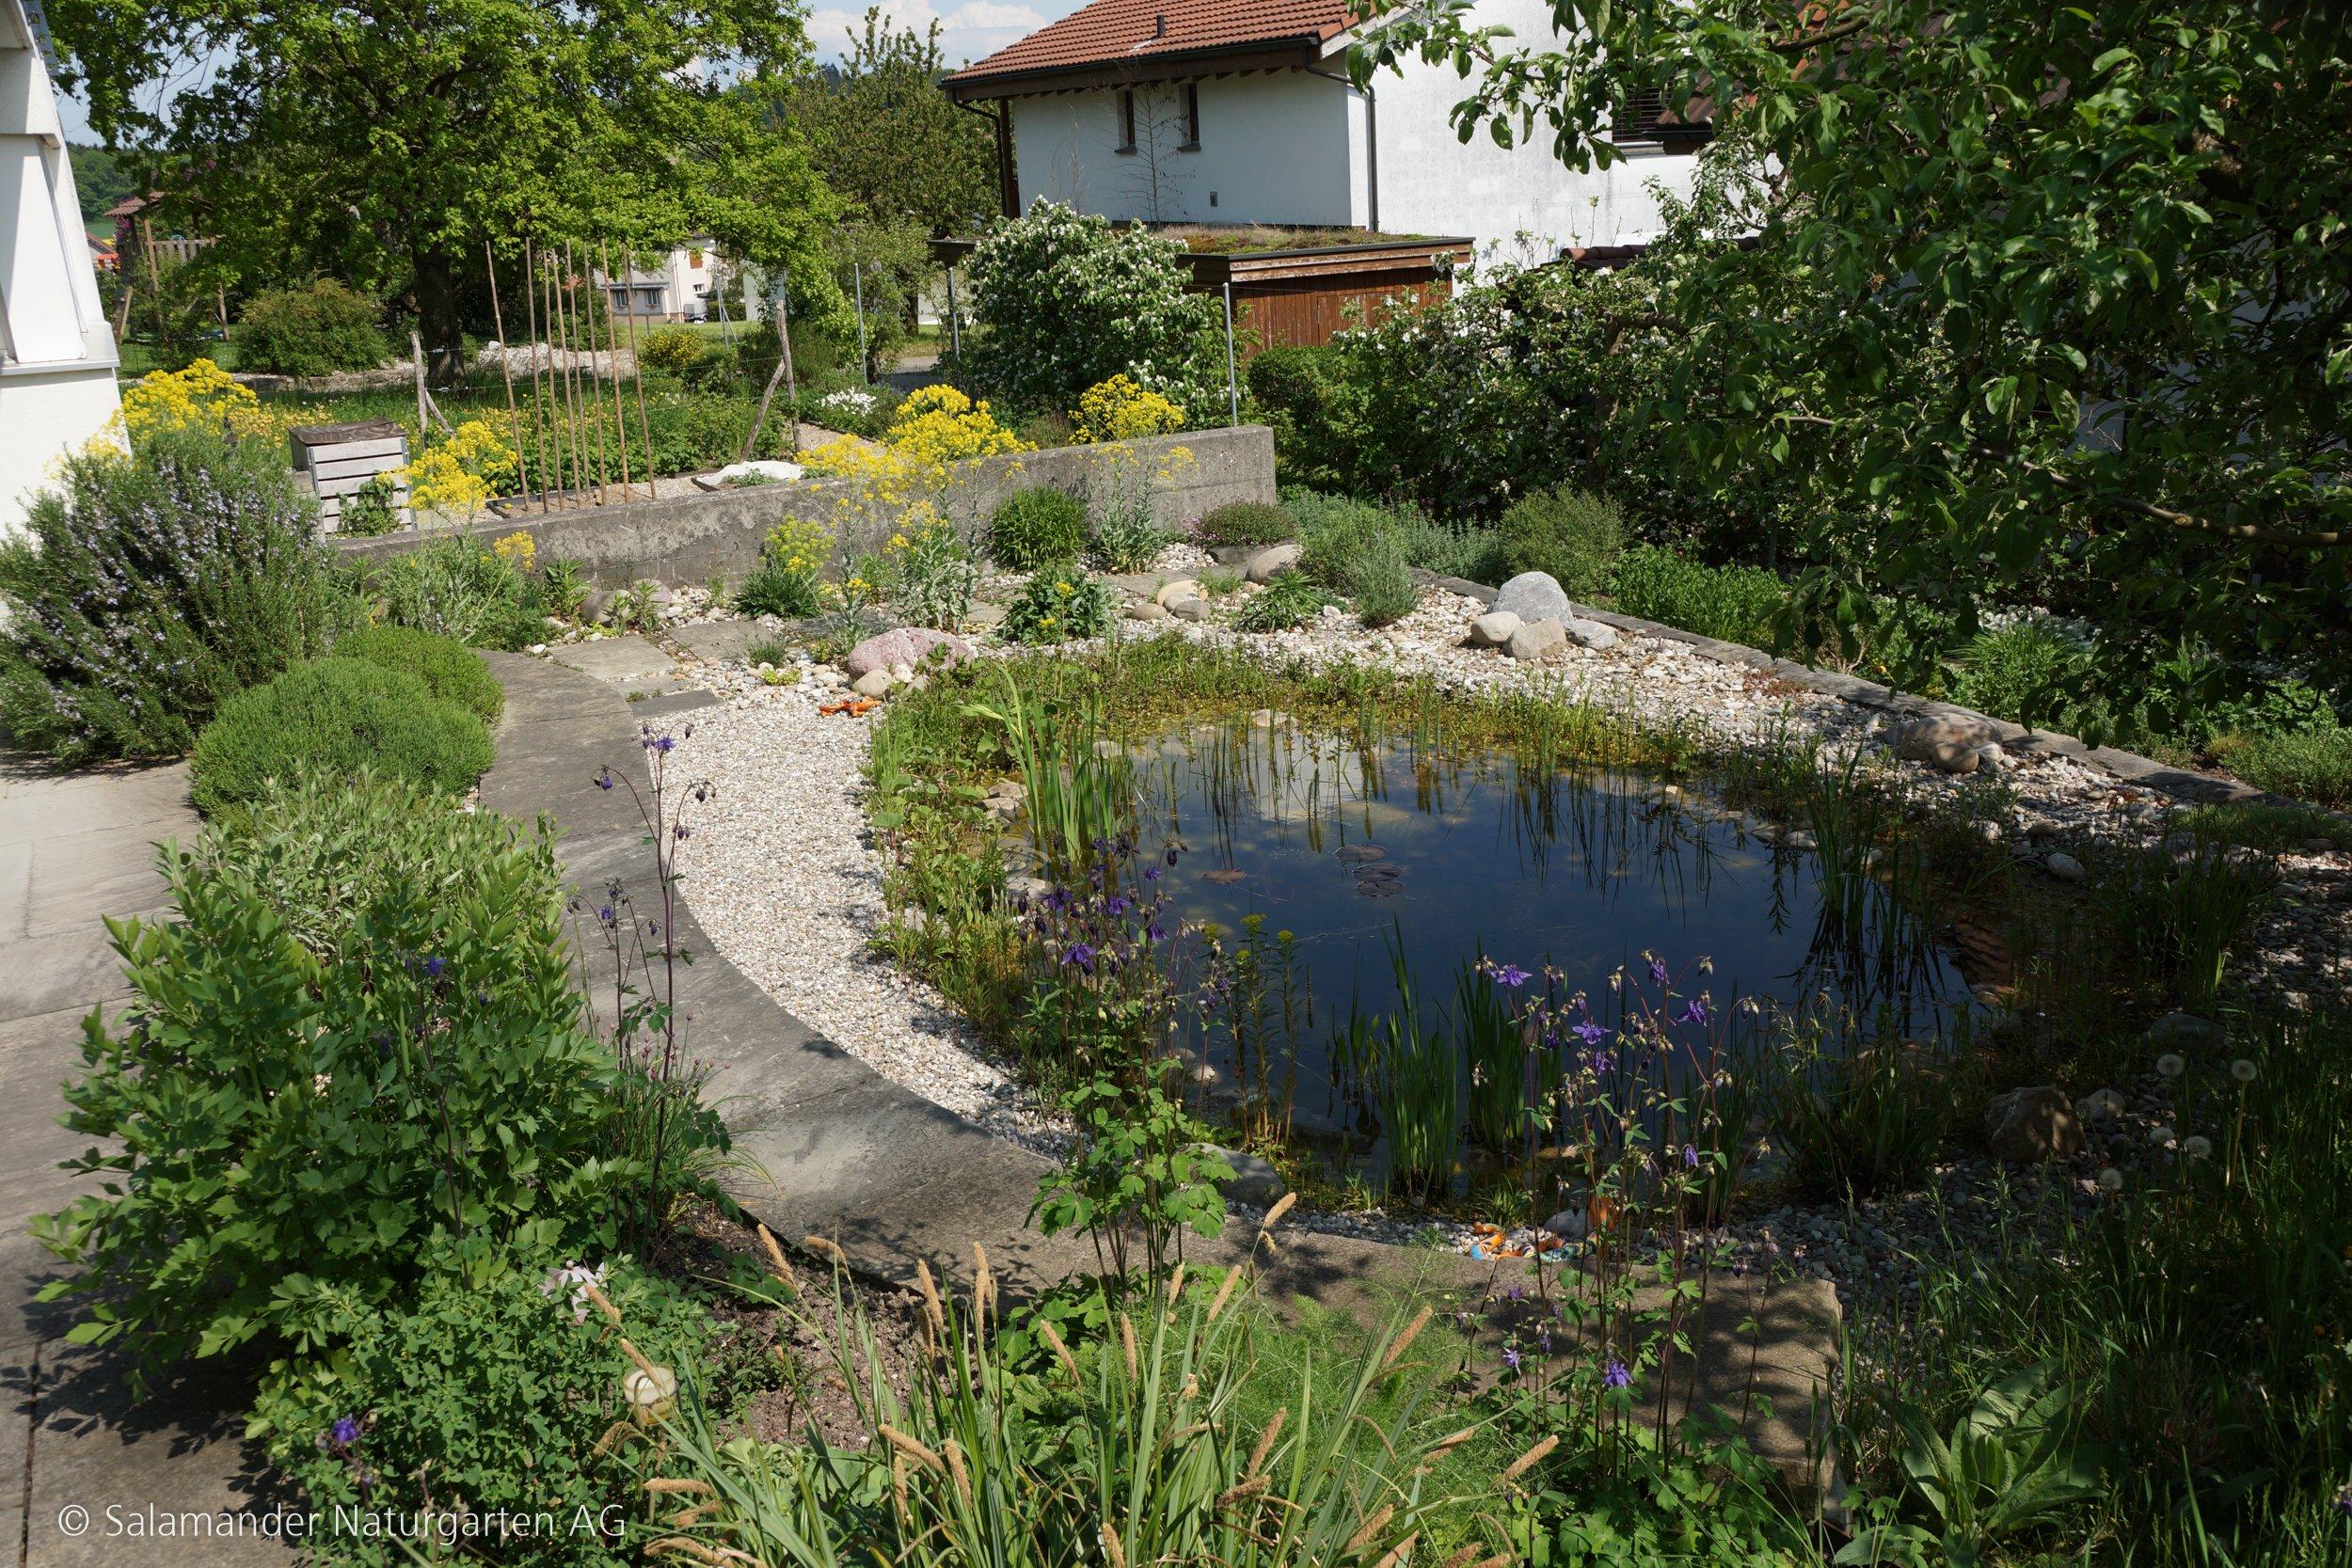 Kleinstrukturen f r flederm use salamander naturgarten ag - Garten strukturieren ...